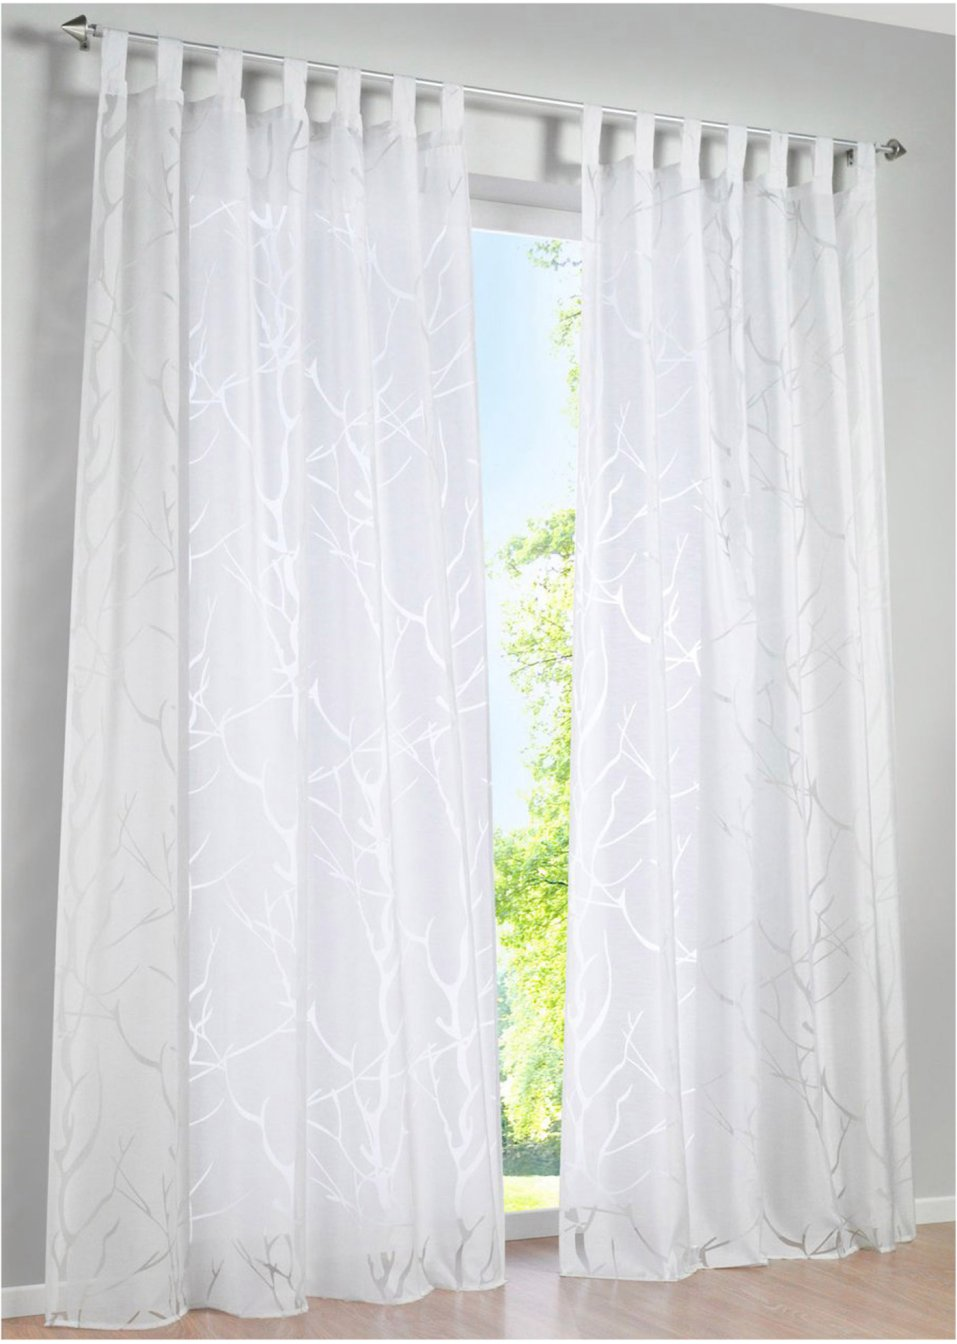 Full Size of Bonprix Gardinen Hochwertige Fensterdekoration In Modernem Design Wei Küche Schlafzimmer Für Fenster Wohnzimmer Die Scheibengardinen Betten Wohnzimmer Bonprix Gardinen